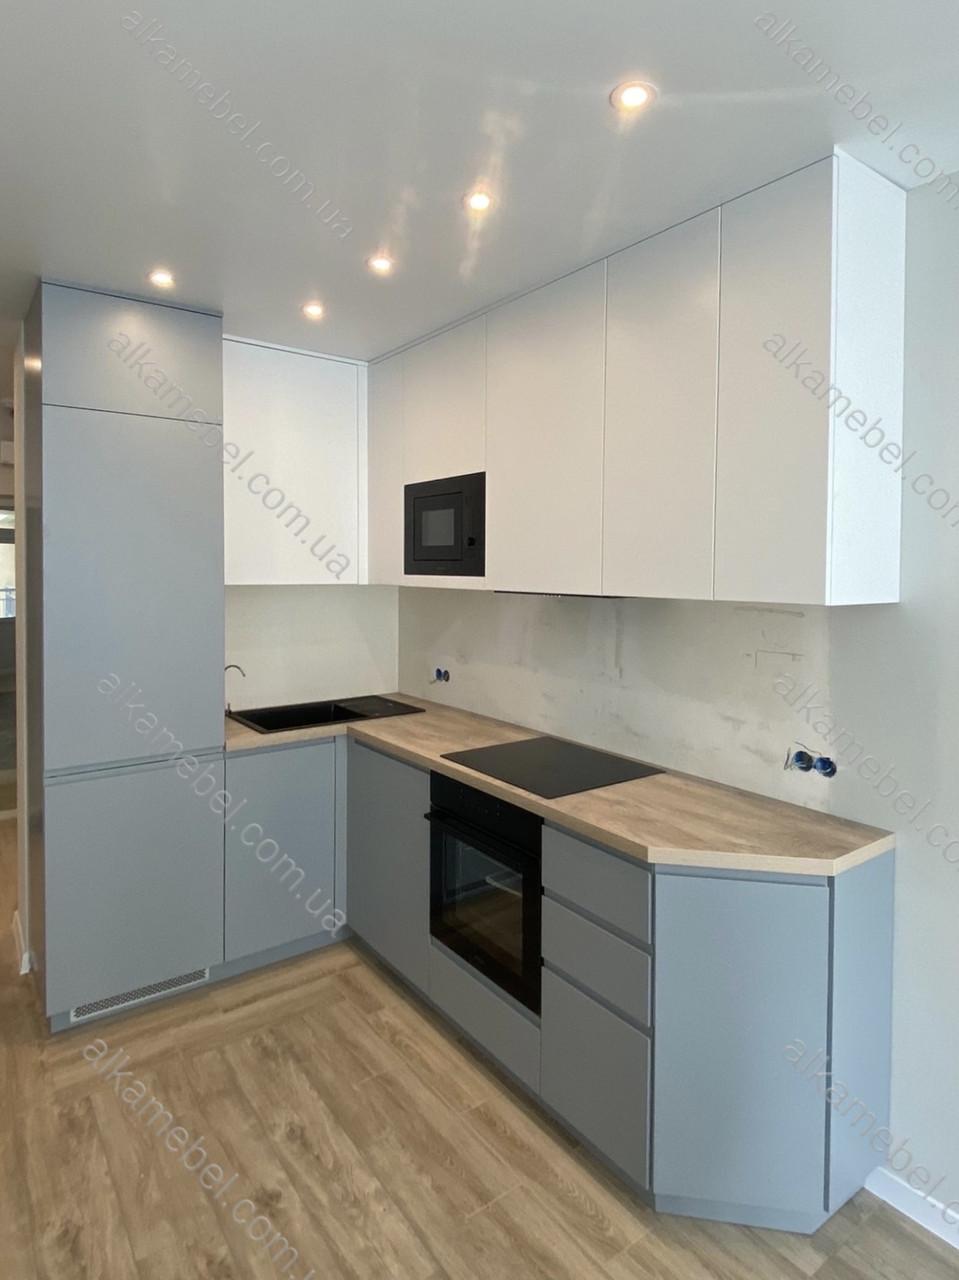 Кухня на замовлення в сучасному стилі. Кухня кутова Кухня модель 2021 року